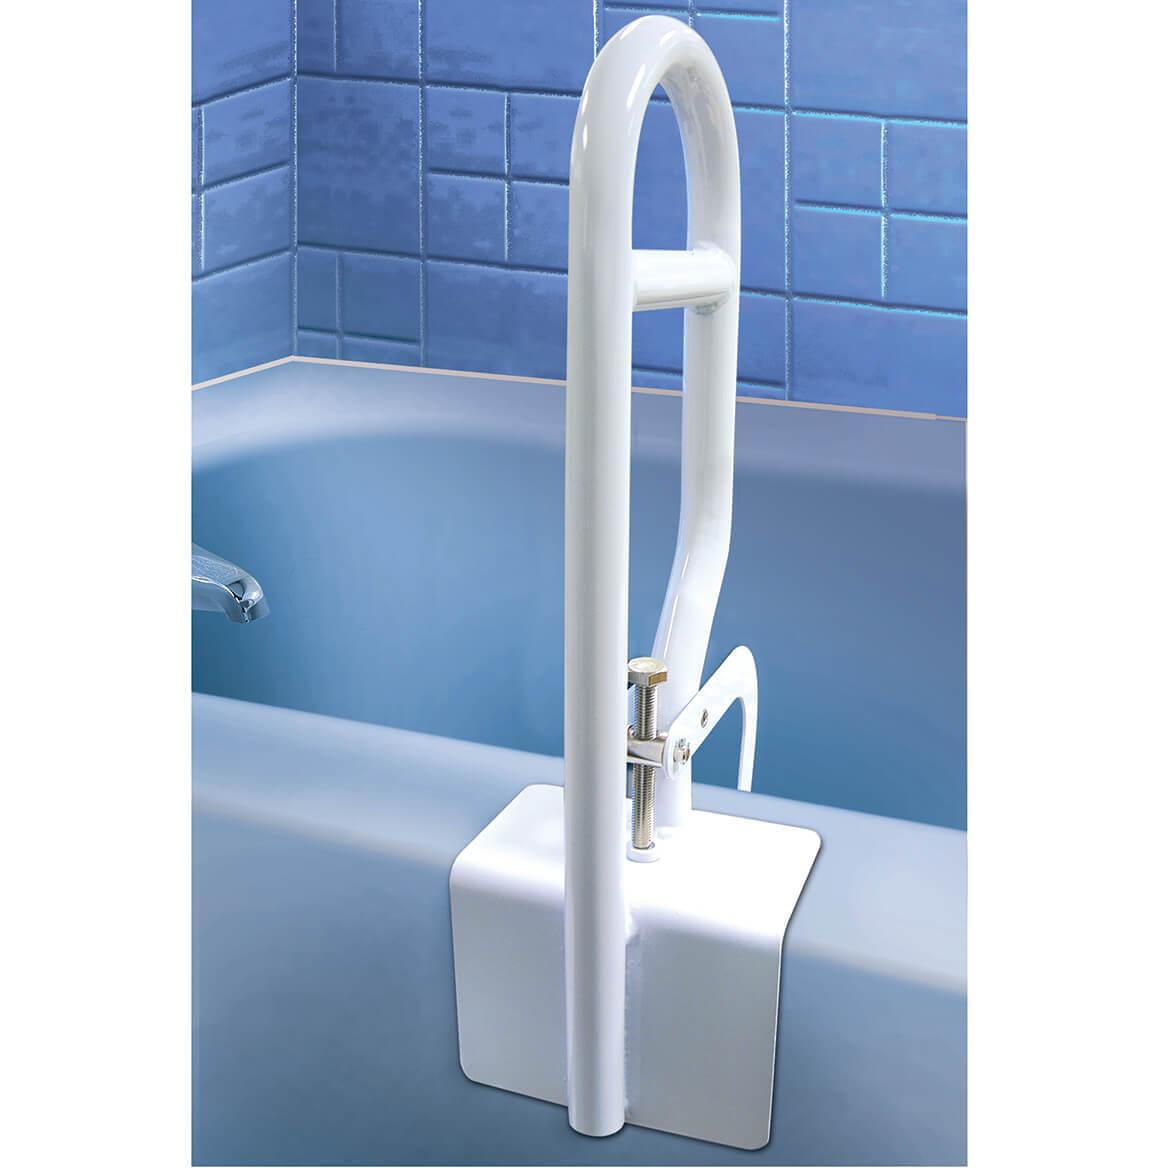 Bathtub Safety Bar-363313